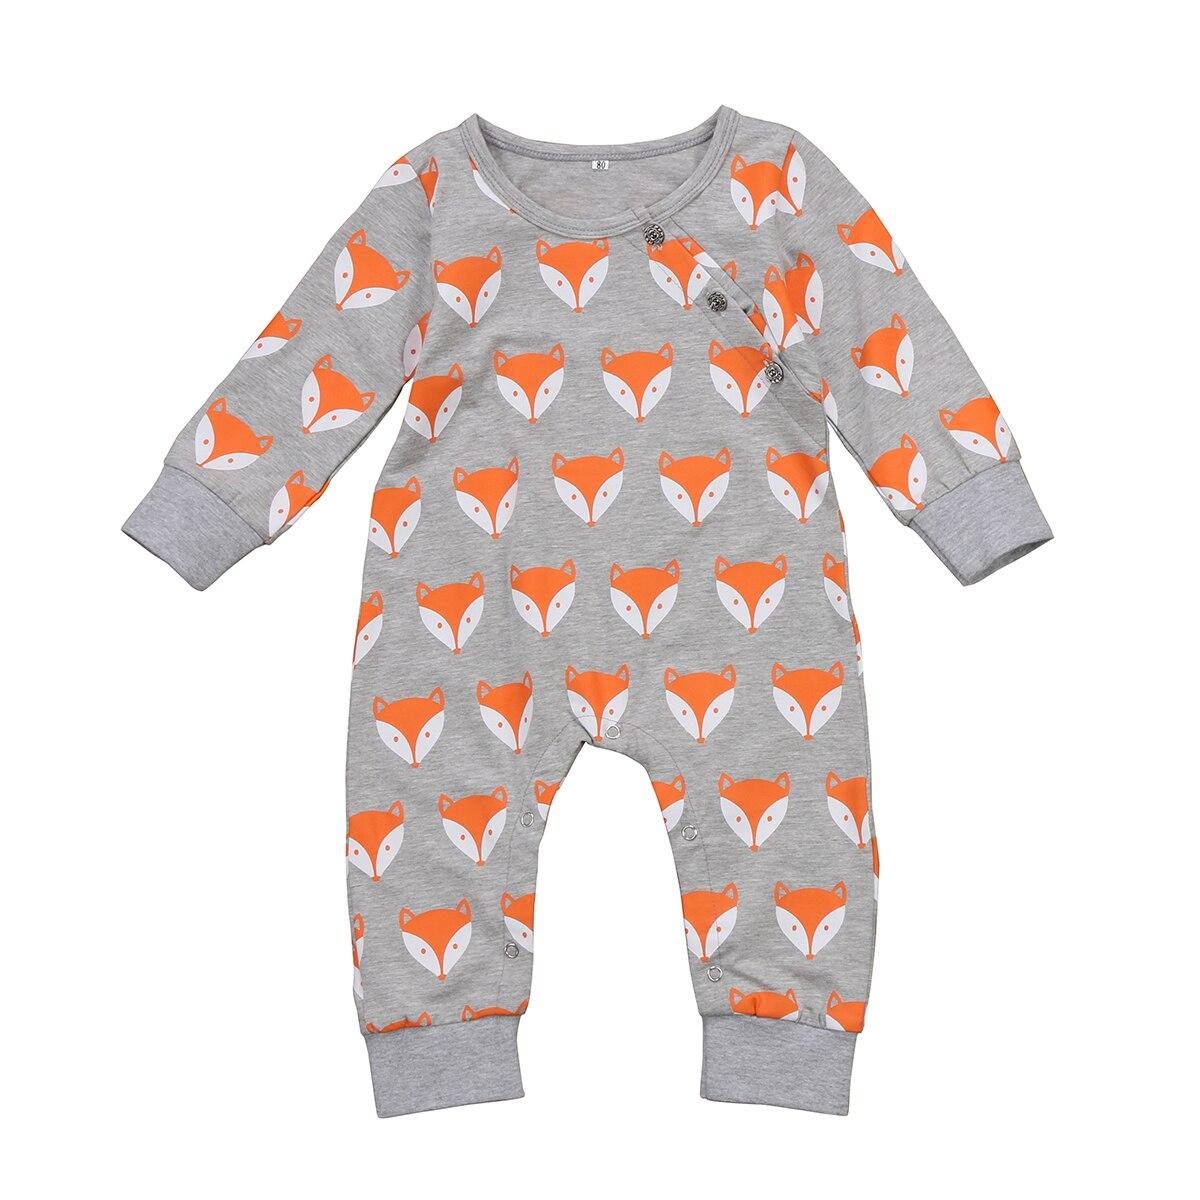 Pudcoco Симпатичные Новорожденный ребенок дети мальчик девочка 2017 лиса аниме младенческой ползунки комбинезон, костюм Новинка наряды 0-24 м